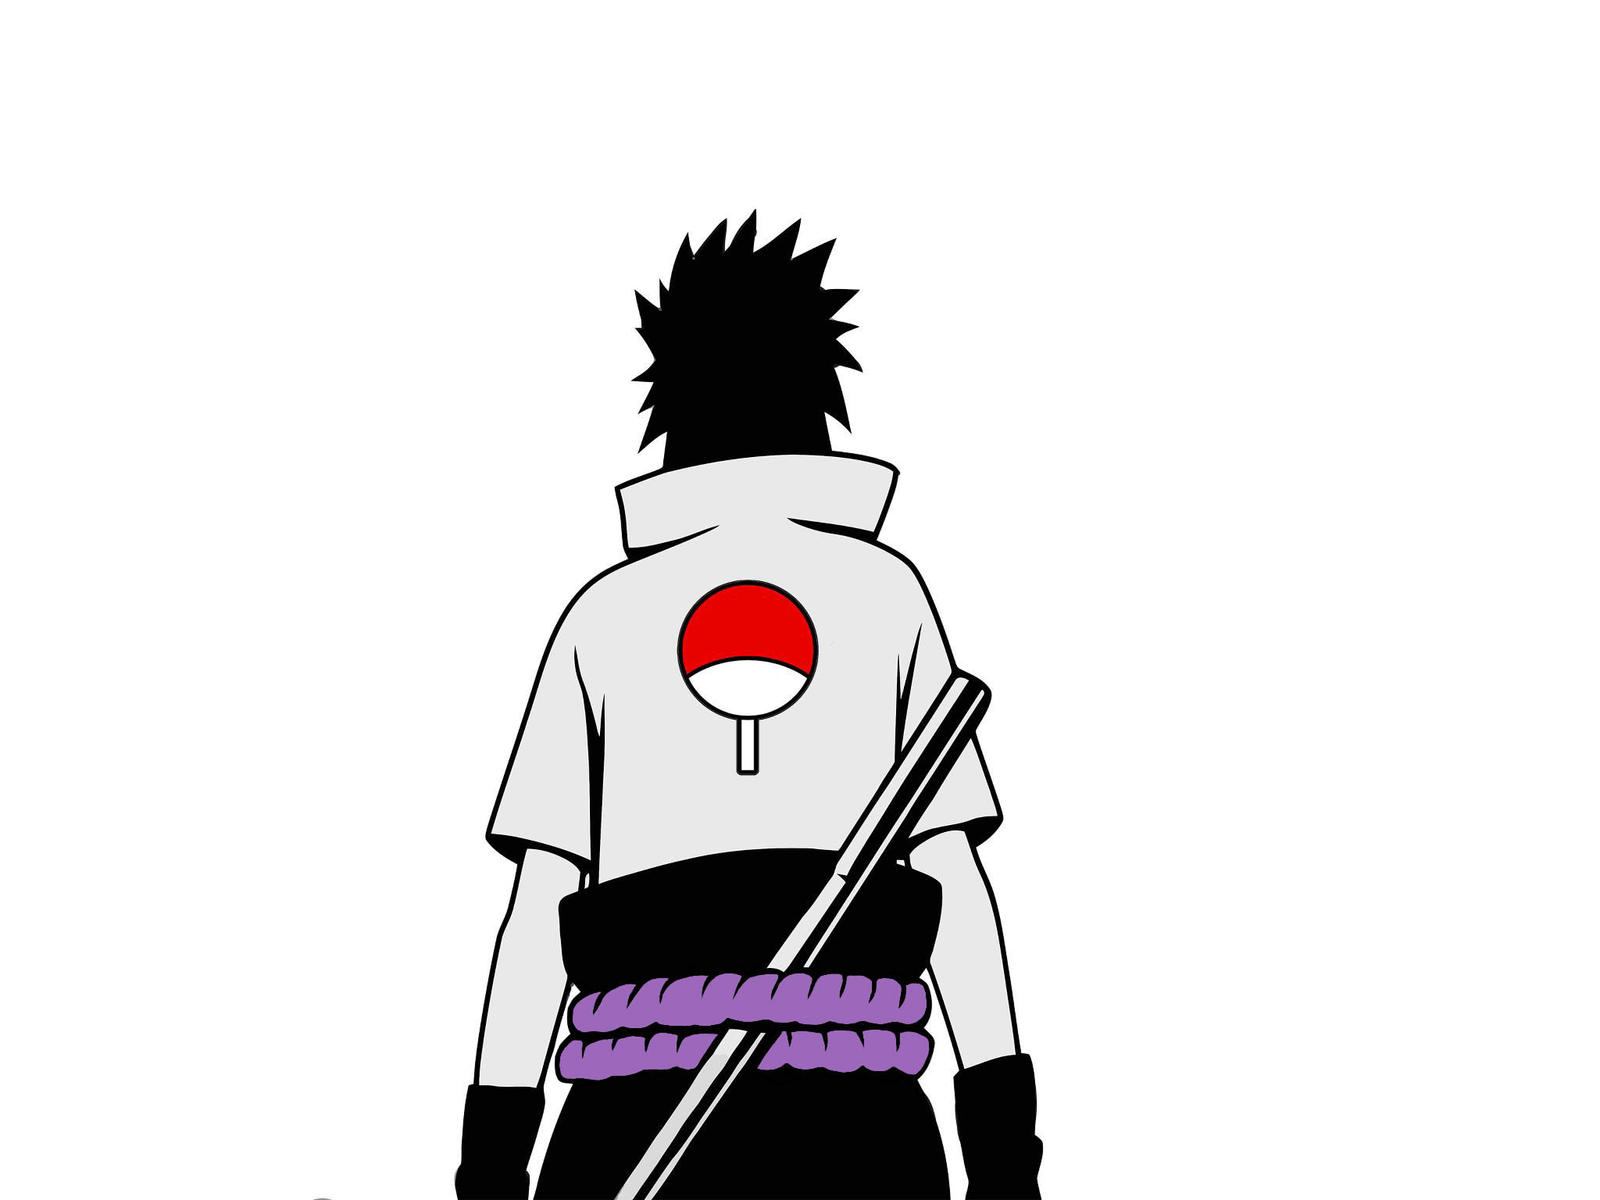 uchiha sasuke images wallpaper - photo #26